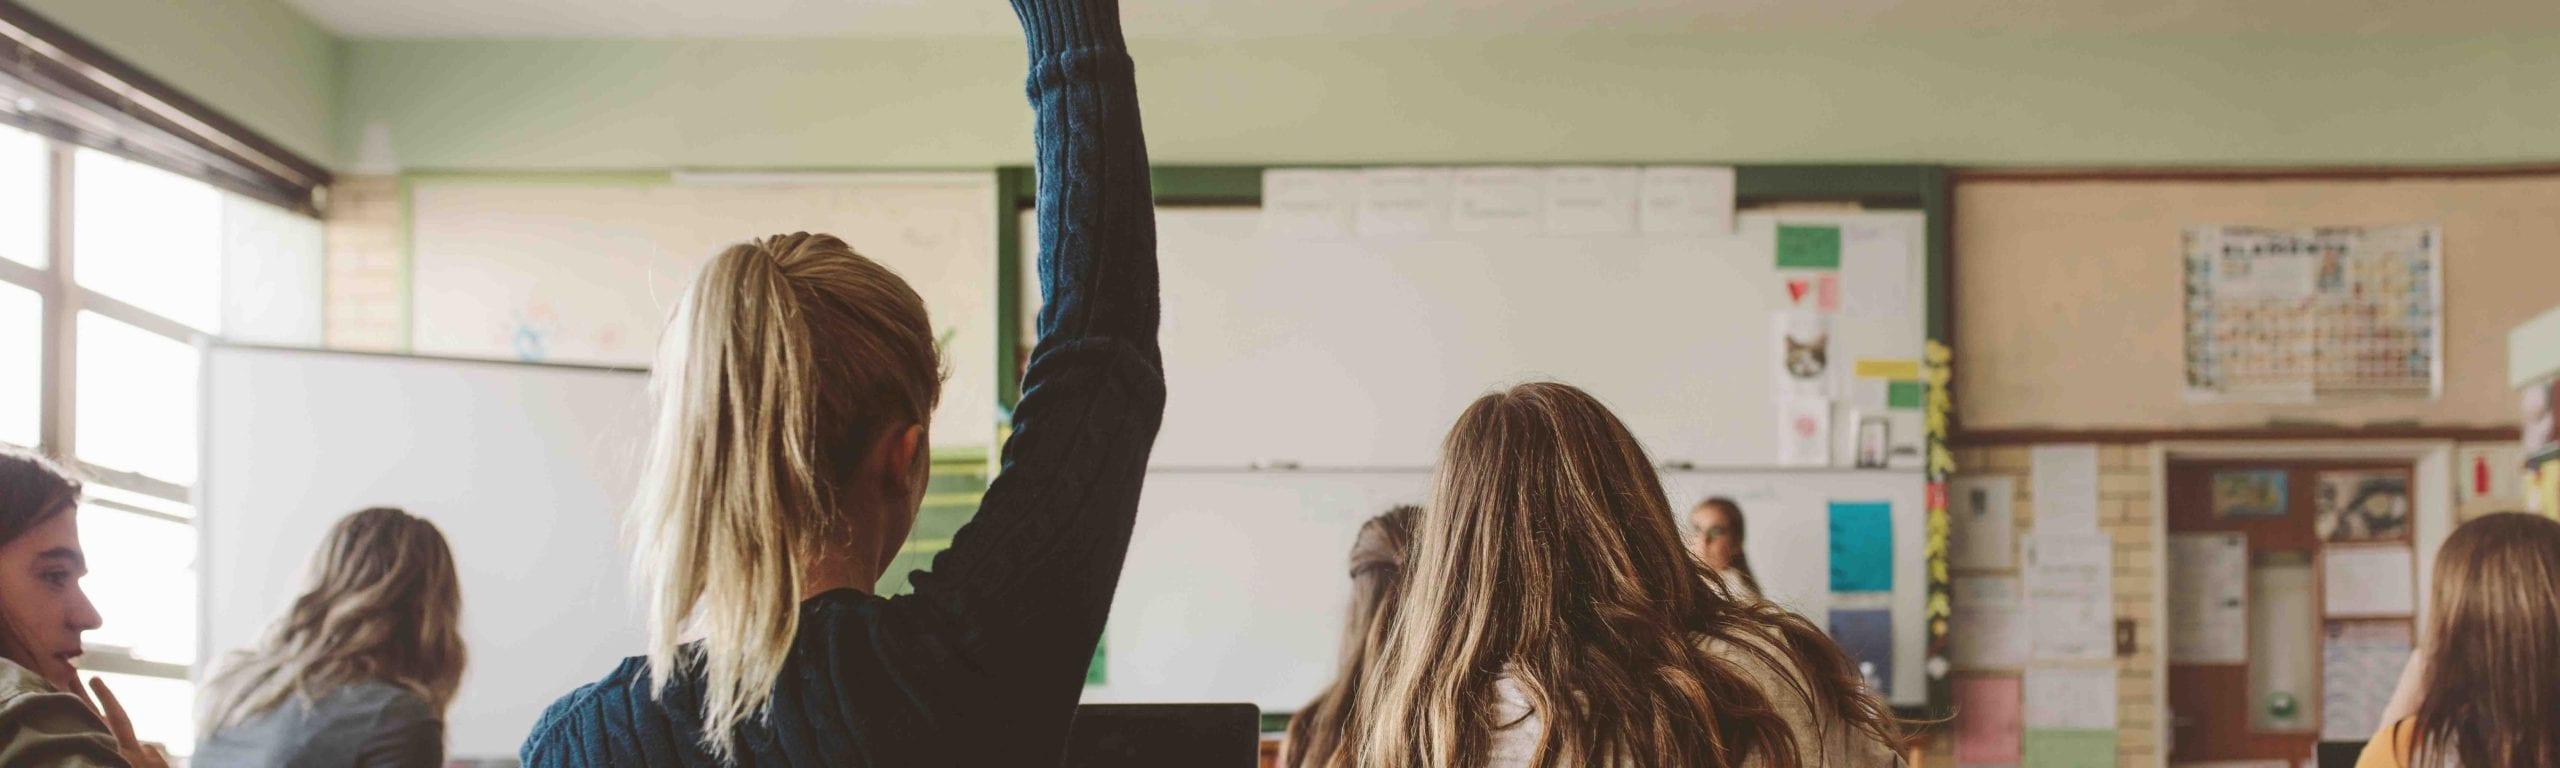 Open Minds Classroom